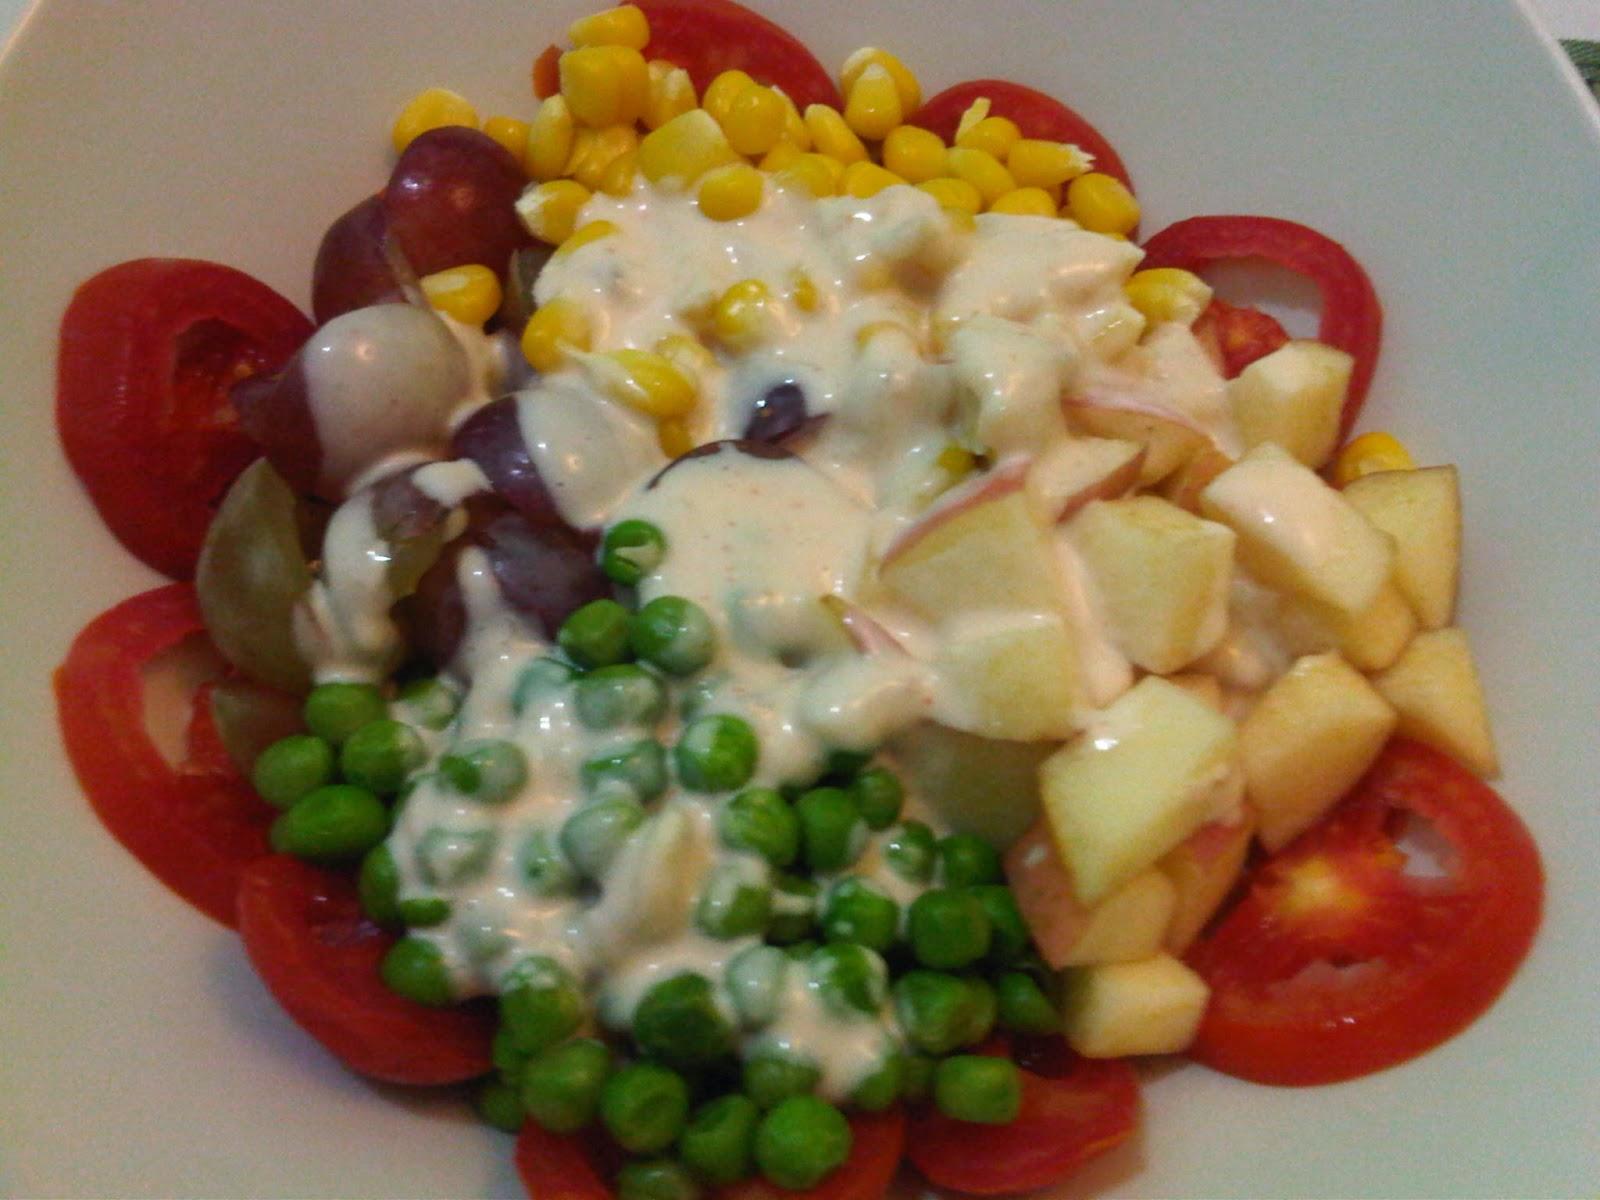 Resep Salad Sayur Berkhasiat dan Nikmat